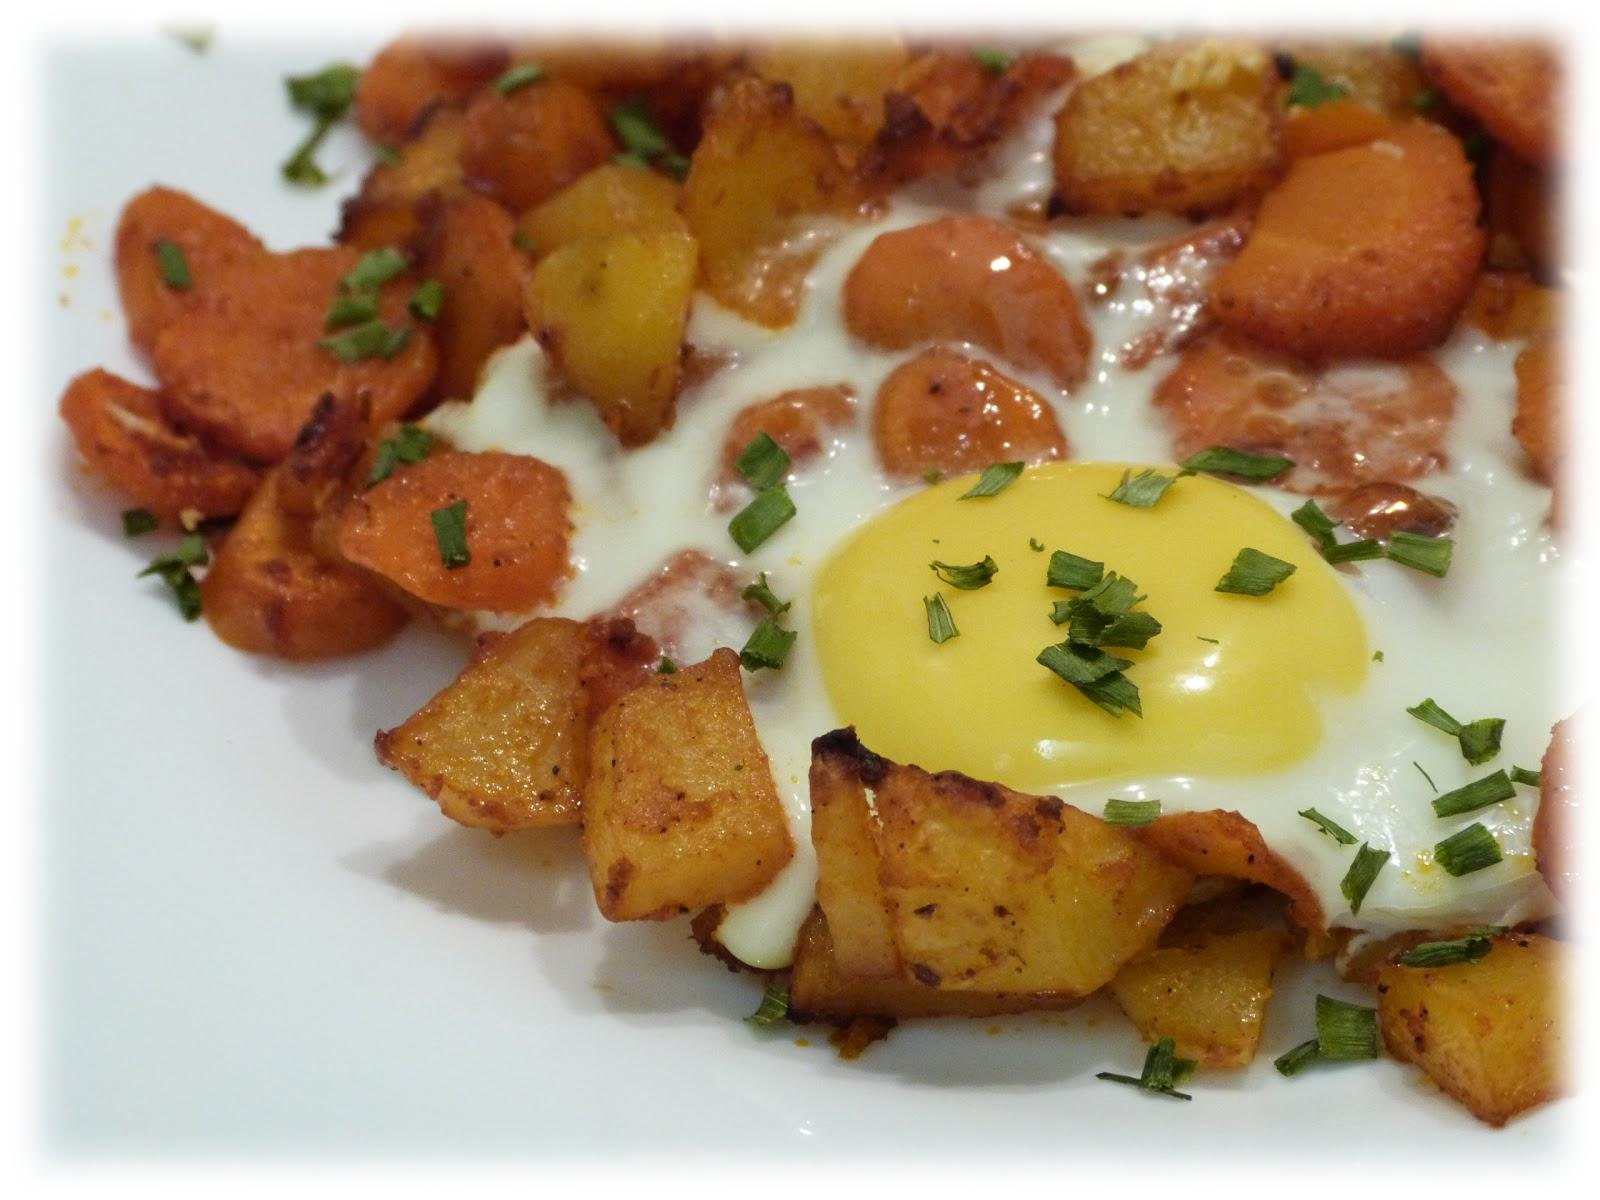 Cuisine Campus: Pommes de terre, carottes et oeuf au four